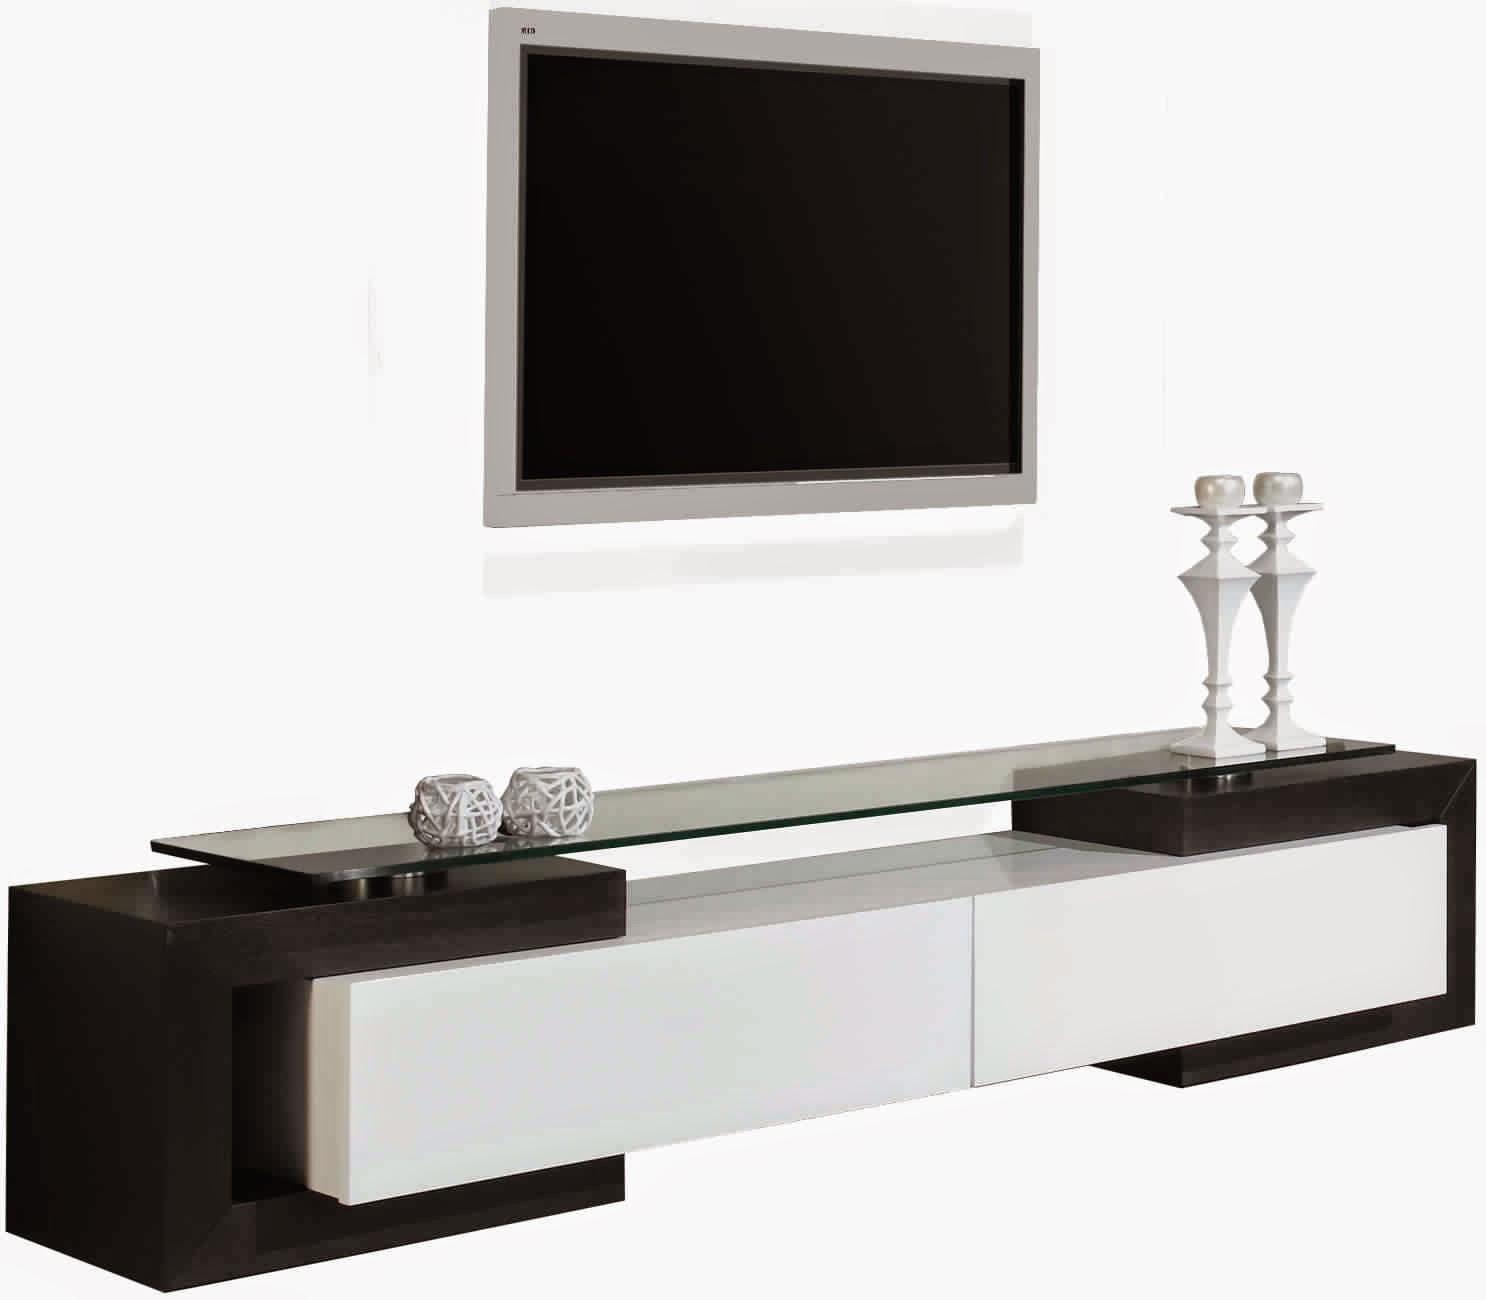 Meuble tv noir et blanc meuble tv for Meuble tv blanc design